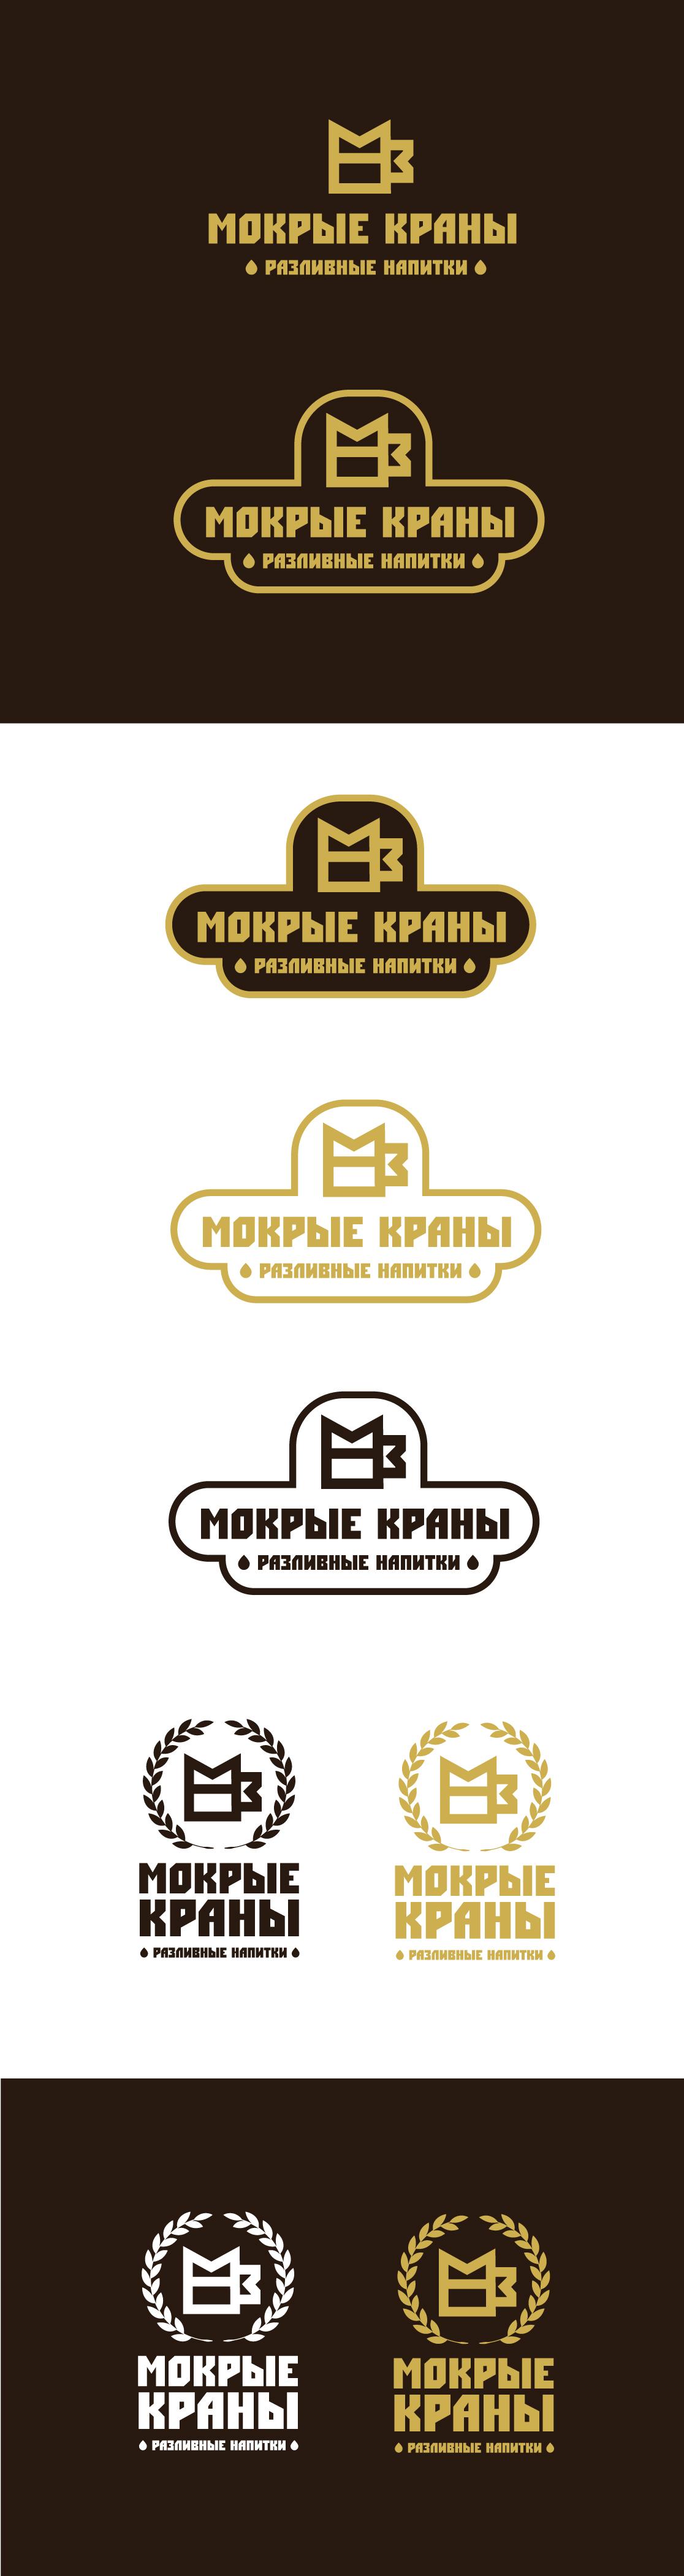 Вывеска/логотип для пивного магазина фото f_405602bd5ec782e9.jpg